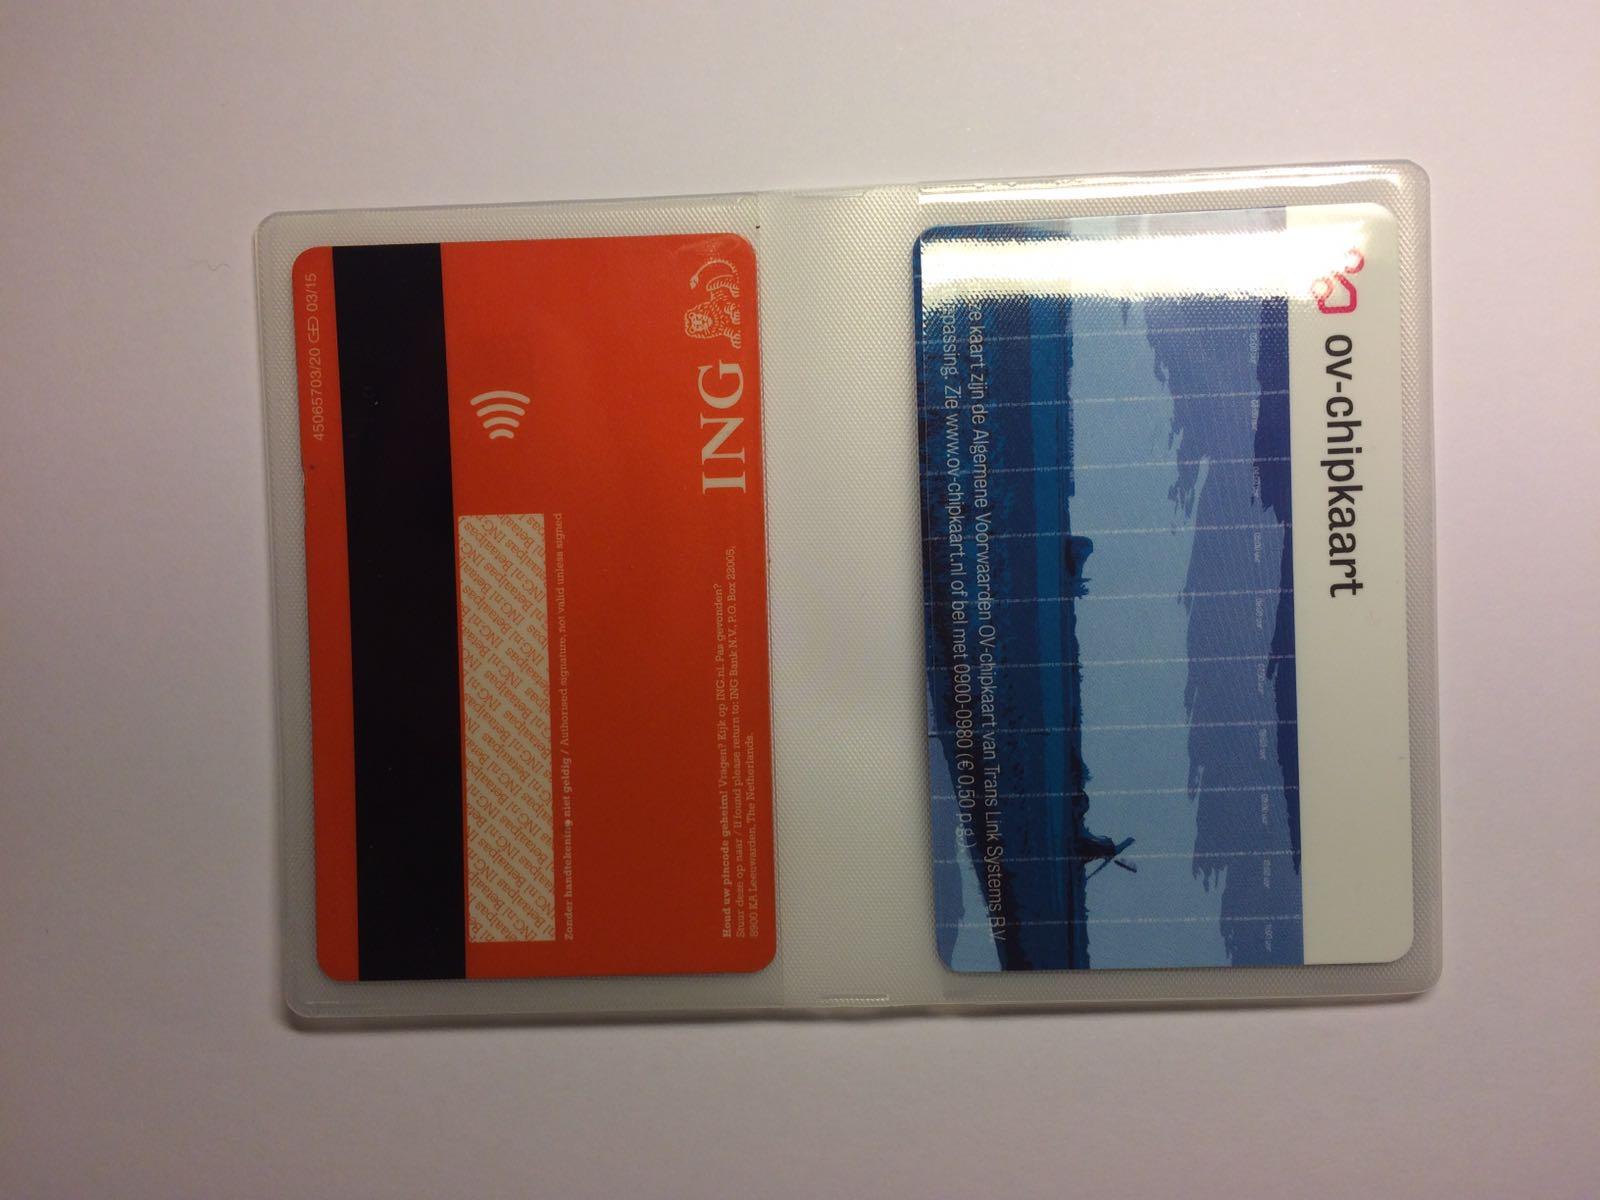 18fff222614 PVC-mapje - Hoesje kopen - ov chipkaart - OV-chipkaart kopen